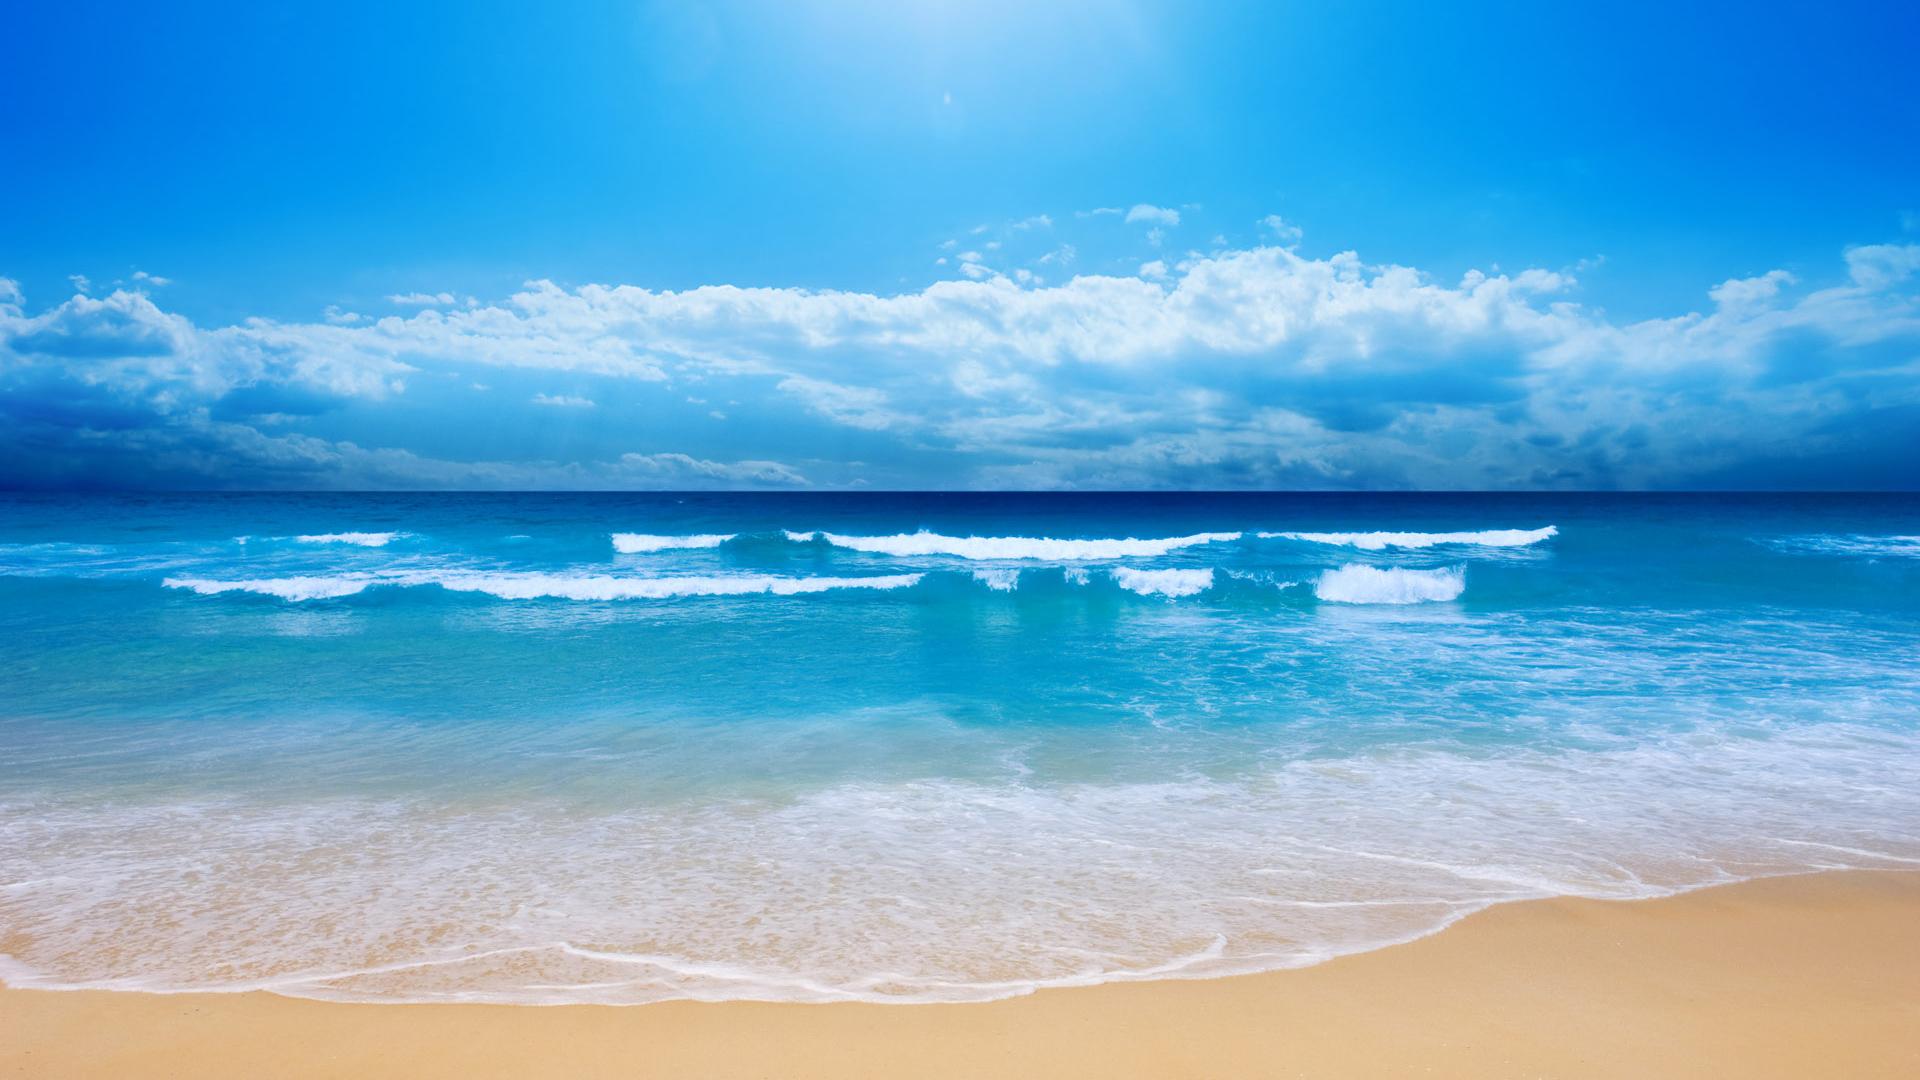 lautan luas